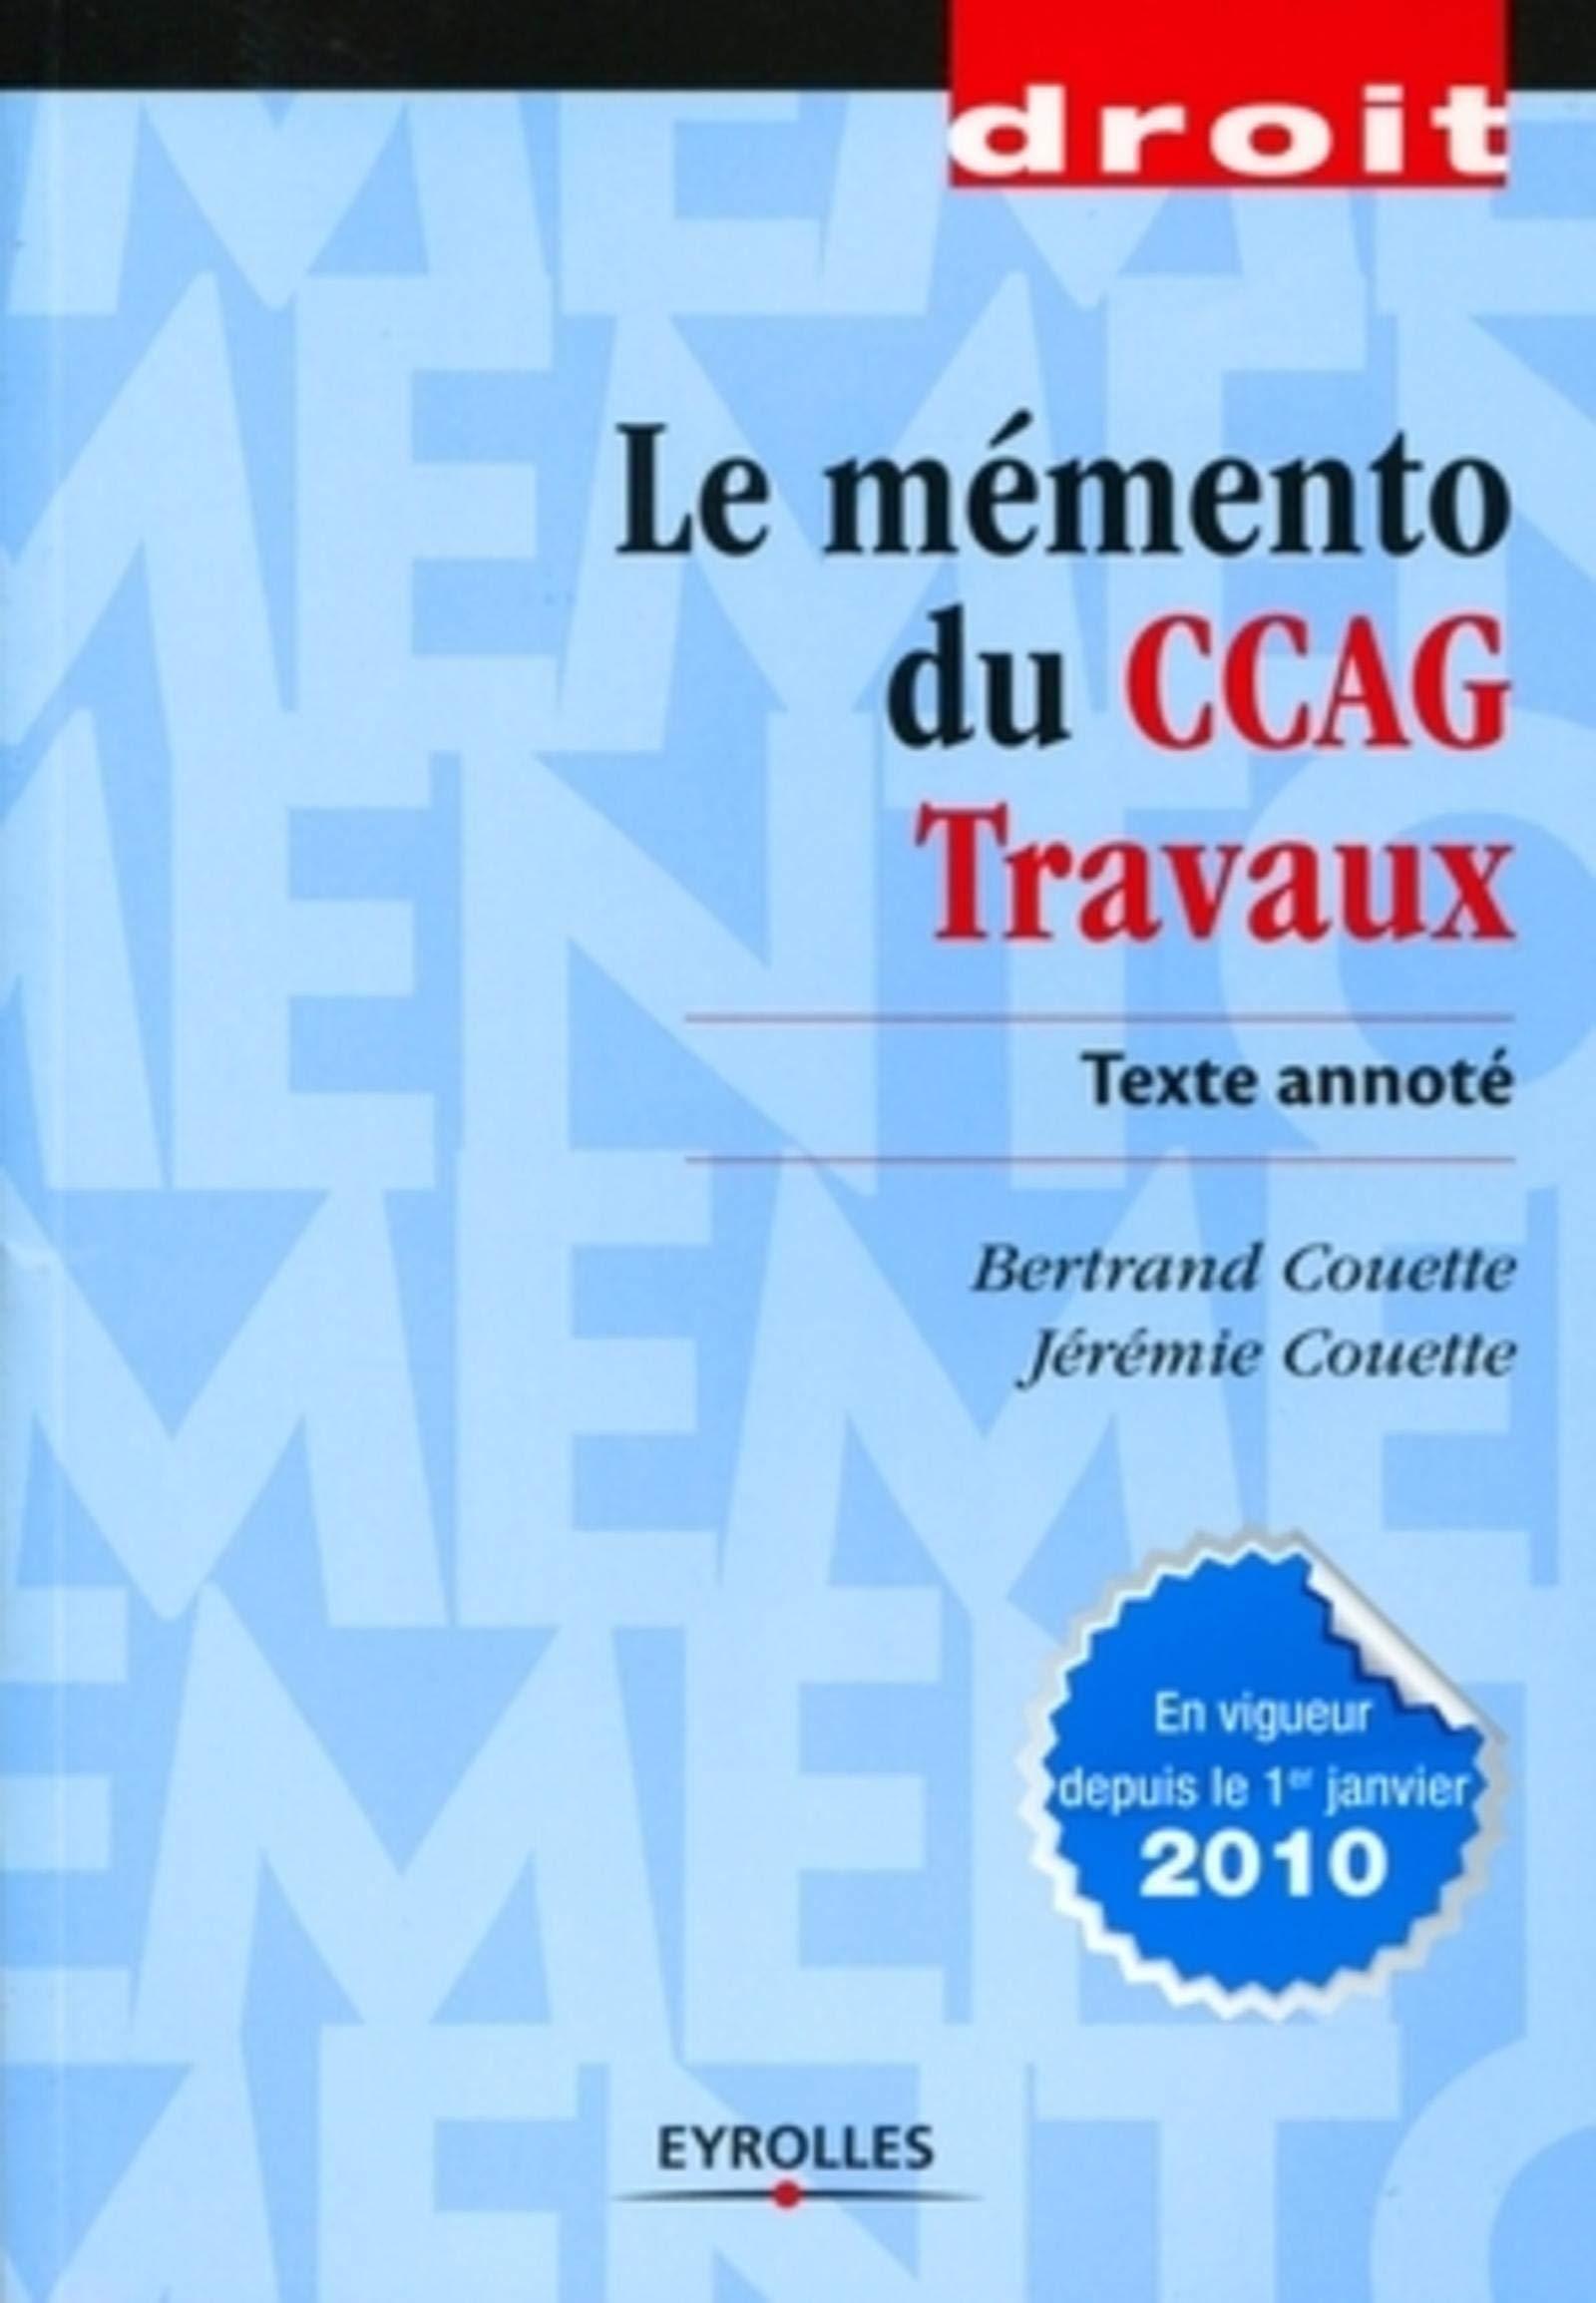 CCAG FCS NOUVEAU TÉLÉCHARGER